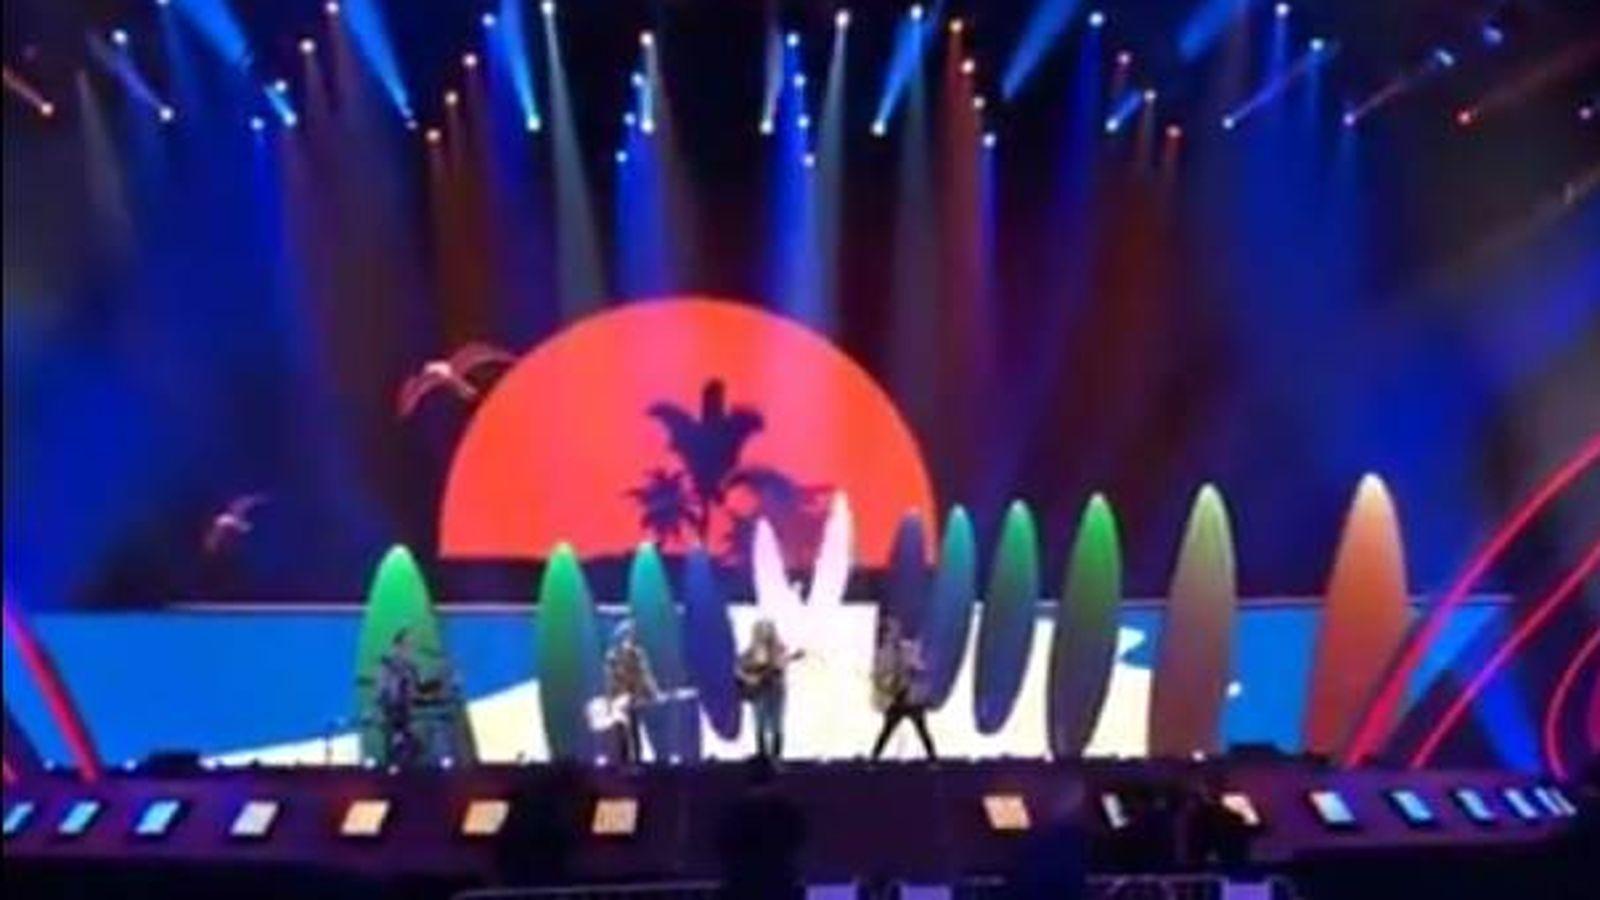 Foto: Las tablas de surf predominan en el primer ensayo de Manel Navarro en Eurovisión.